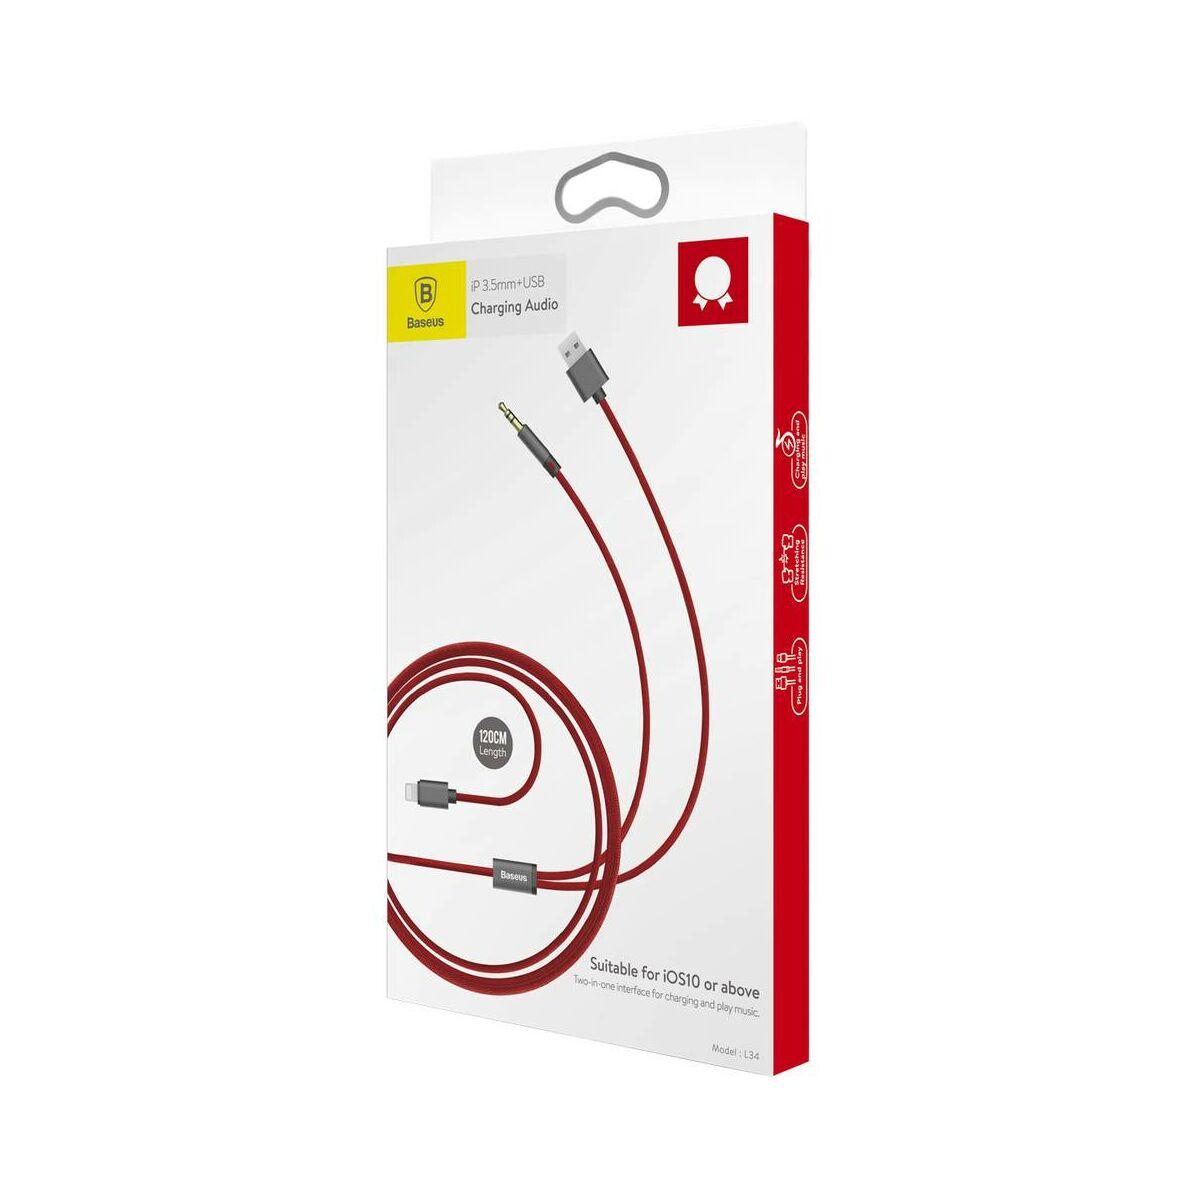 Baseus átalakító, L34 Lightning + 3.5 mm + USB töltő Audio kábel, piros (CALL34-09)